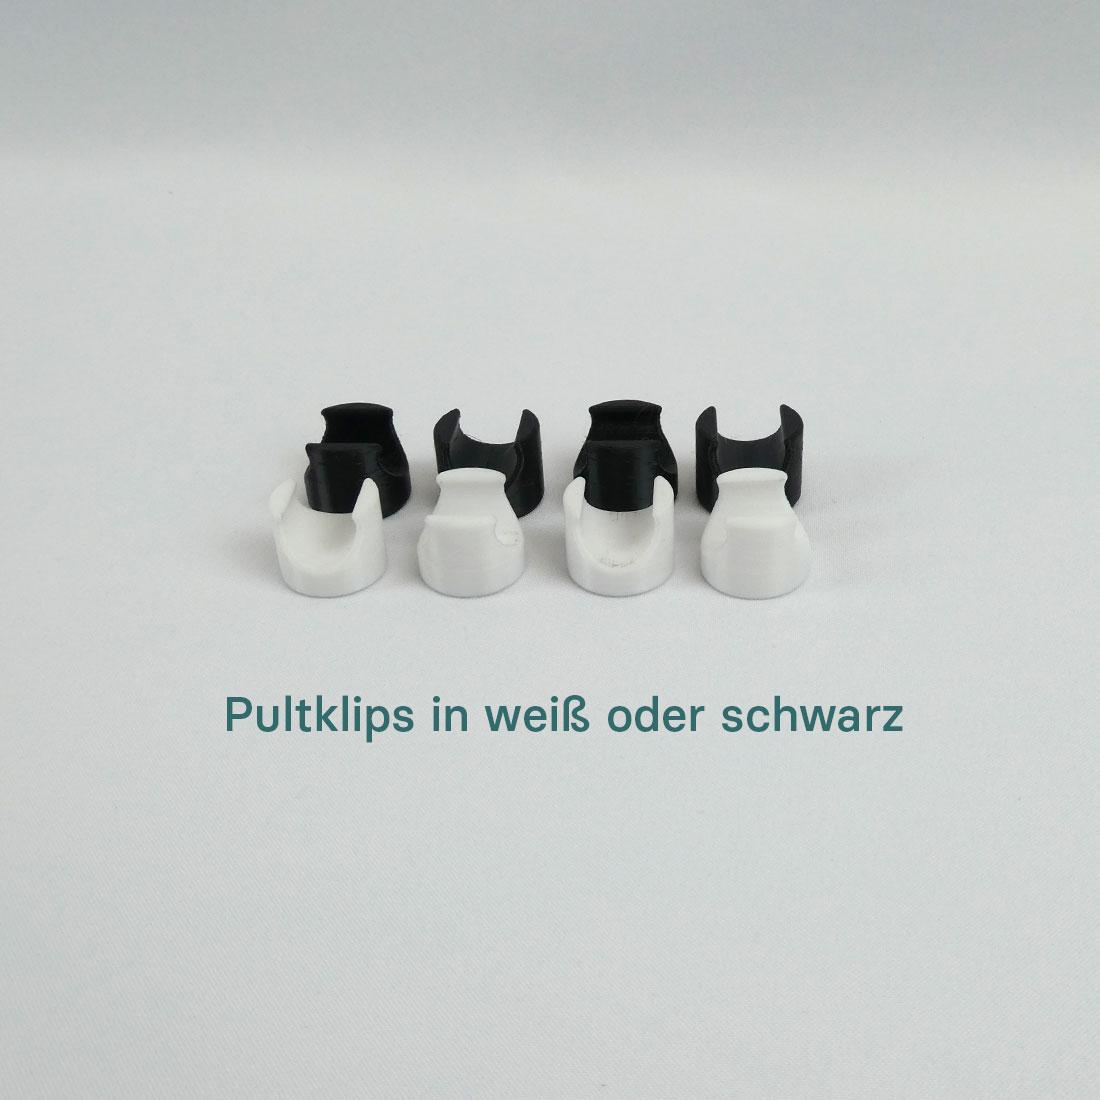 Pulklips in schwarz oder weiß